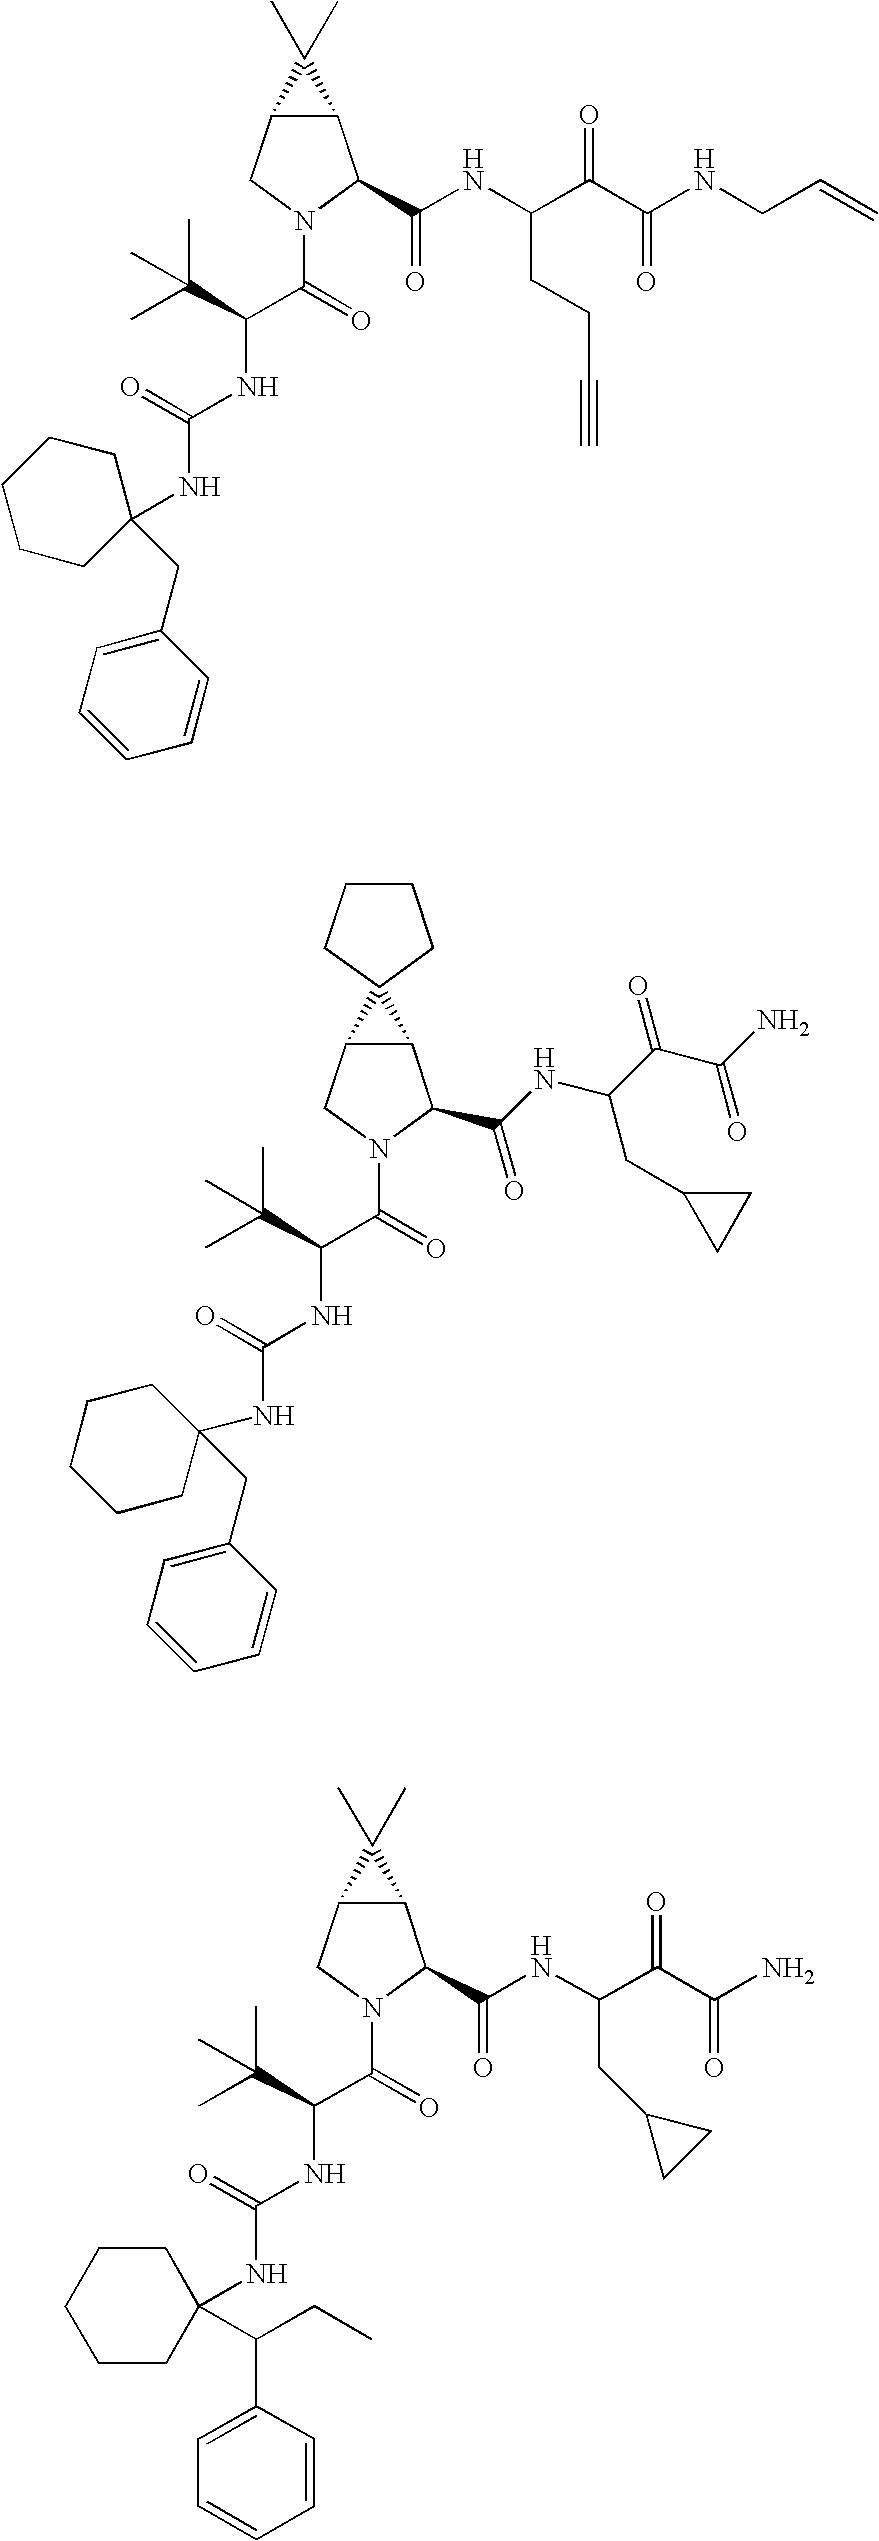 Figure US20060287248A1-20061221-C00332